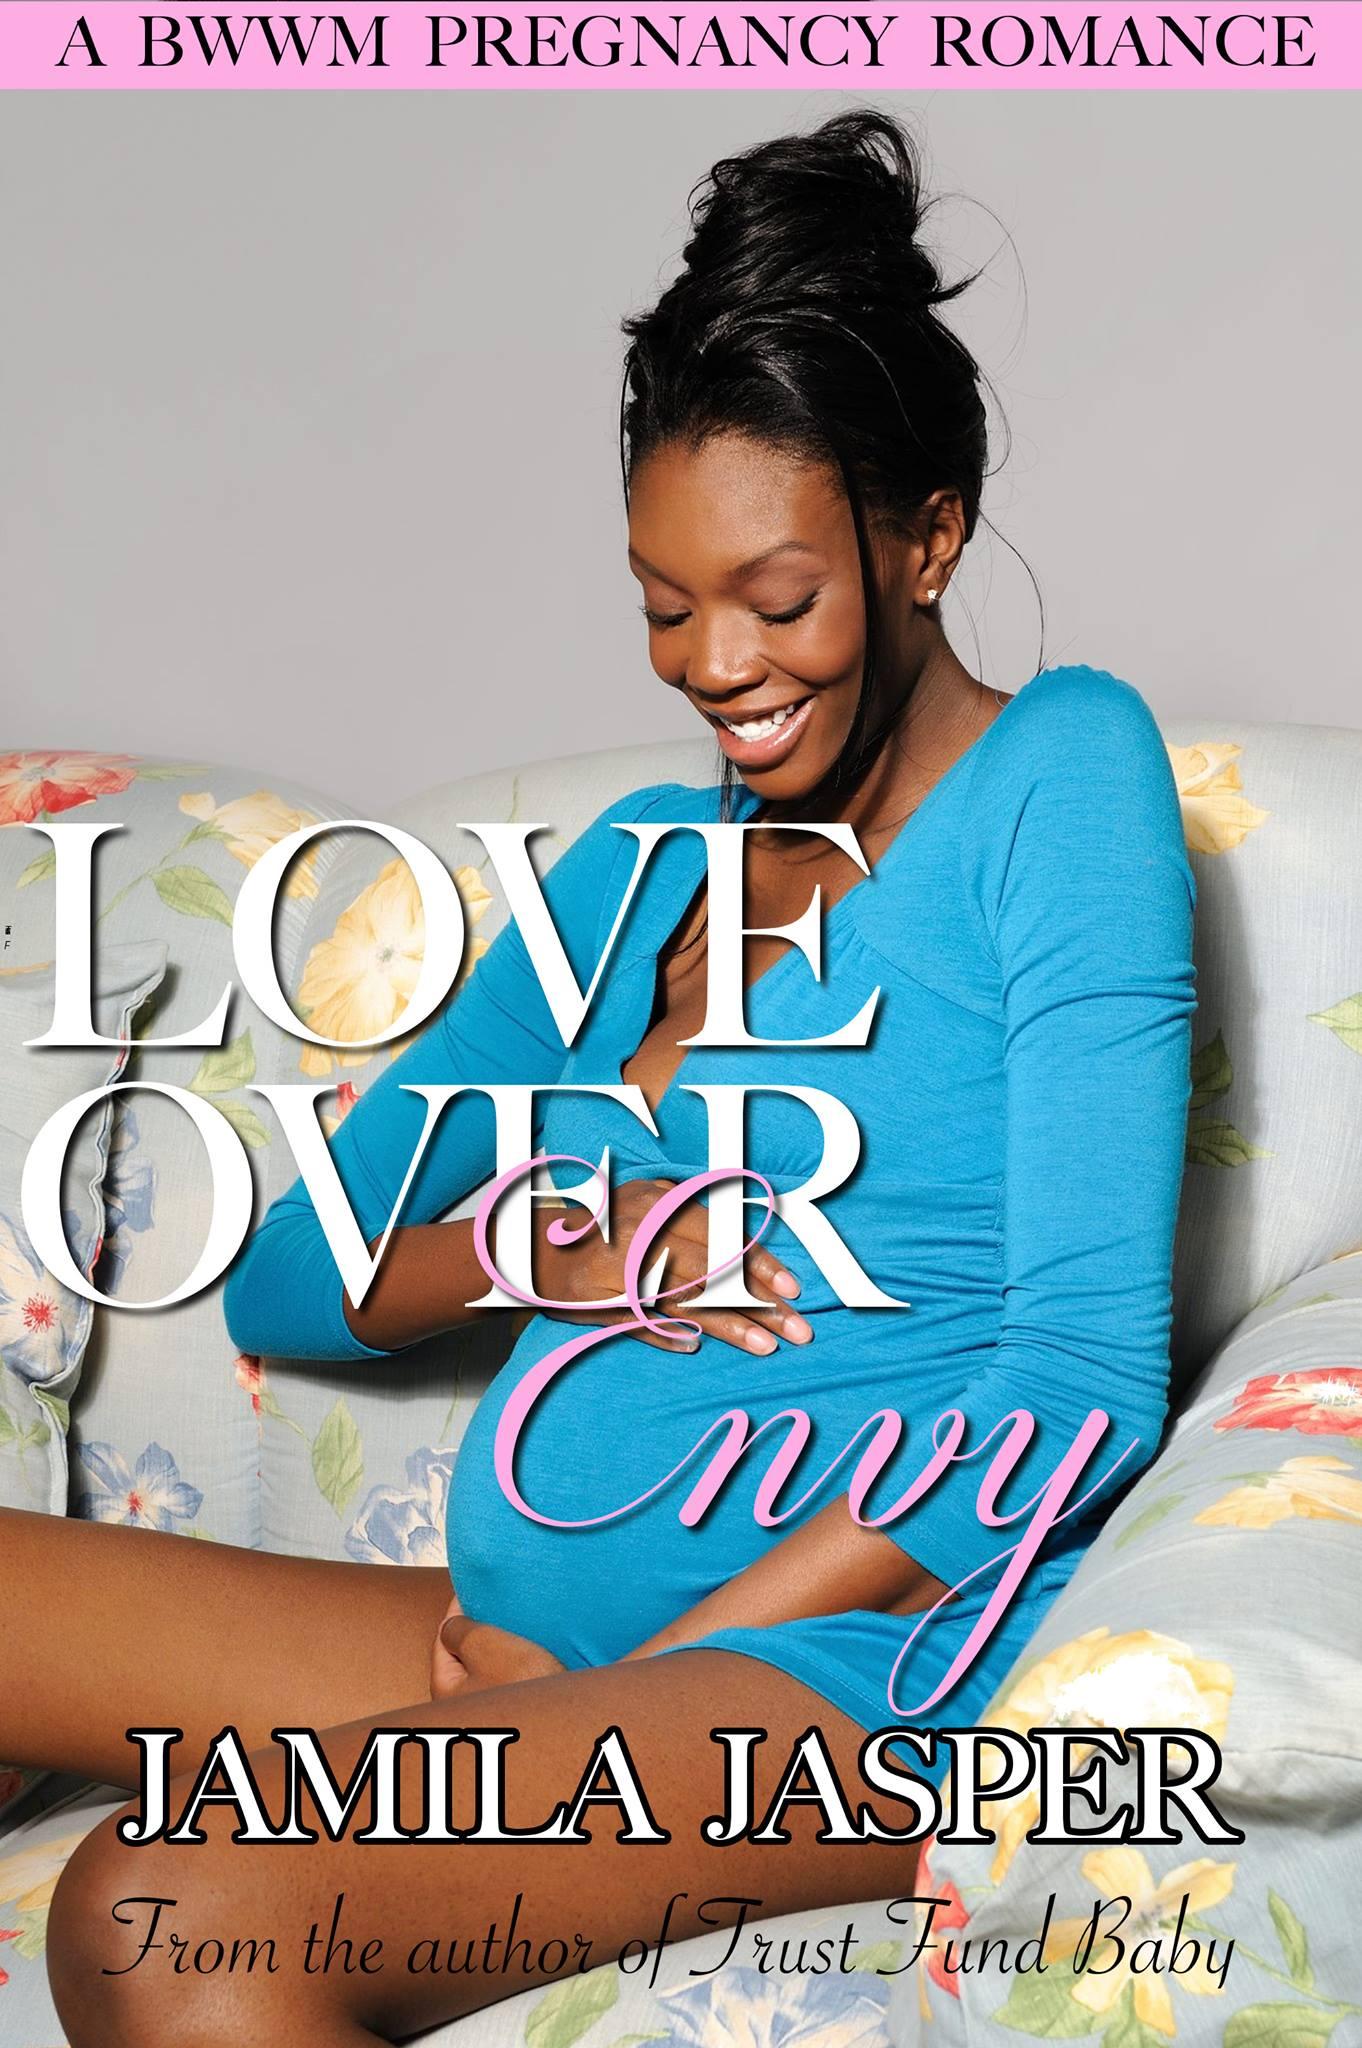 romance novel excerpts love over envy jamila jasper